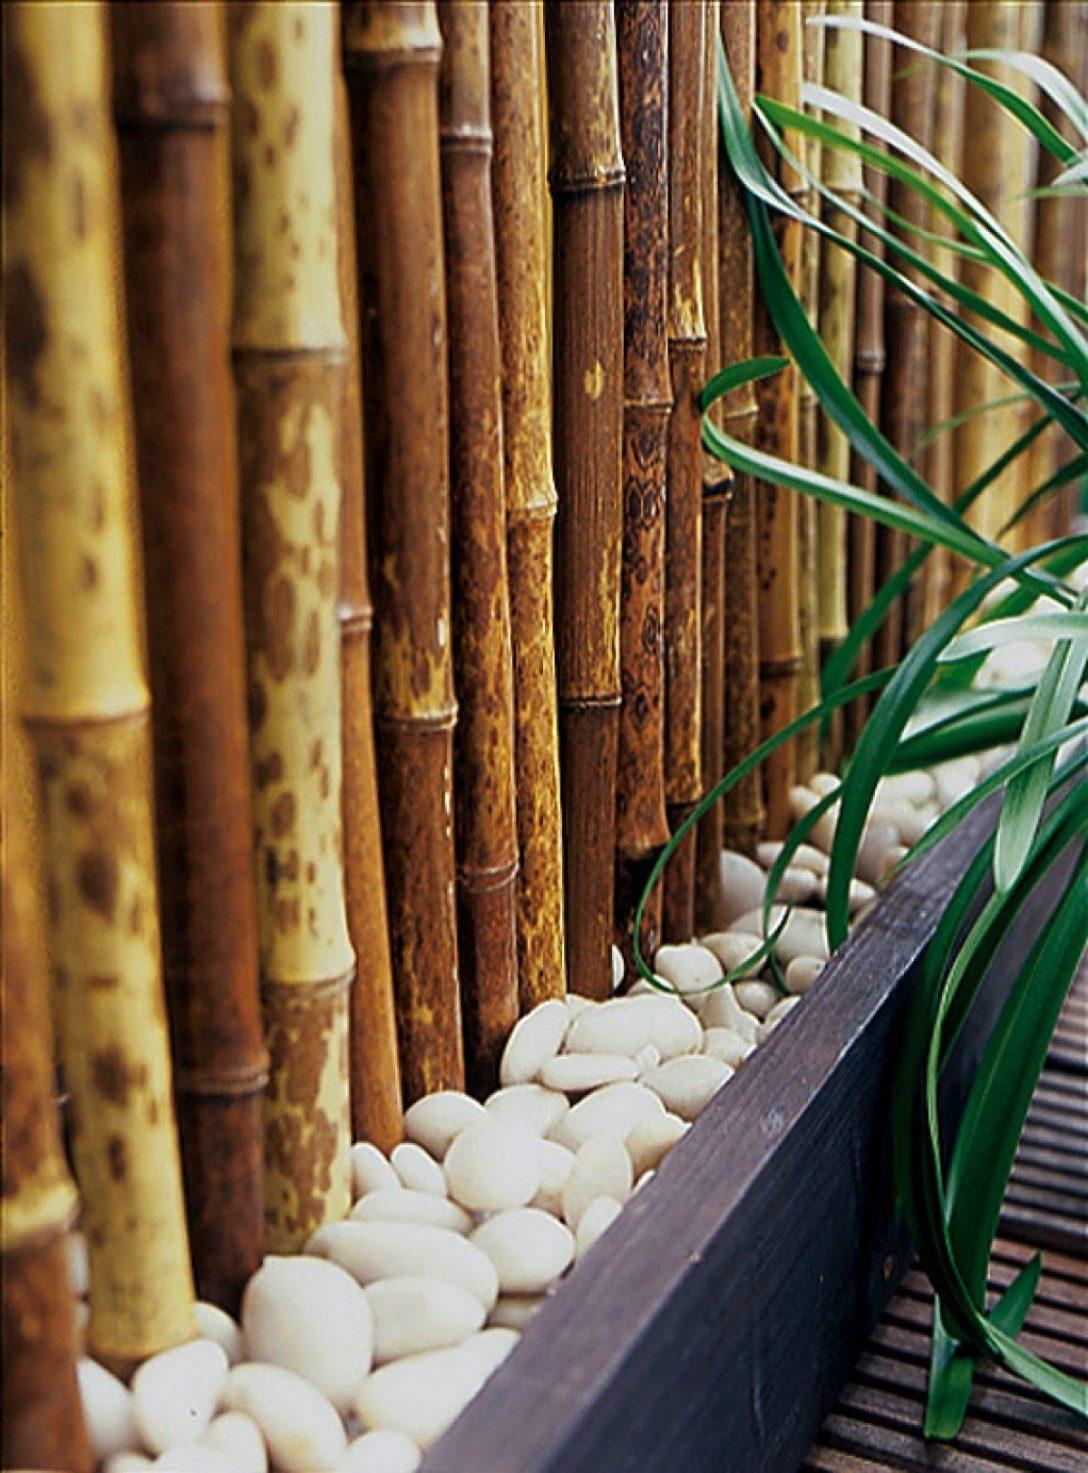 Large Size of Paravent Outdoor Holz Glas Polyrattan Balkon Ikea Amazon Metall Bambus Garten Küche Edelstahl Kaufen Wohnzimmer Paravent Outdoor